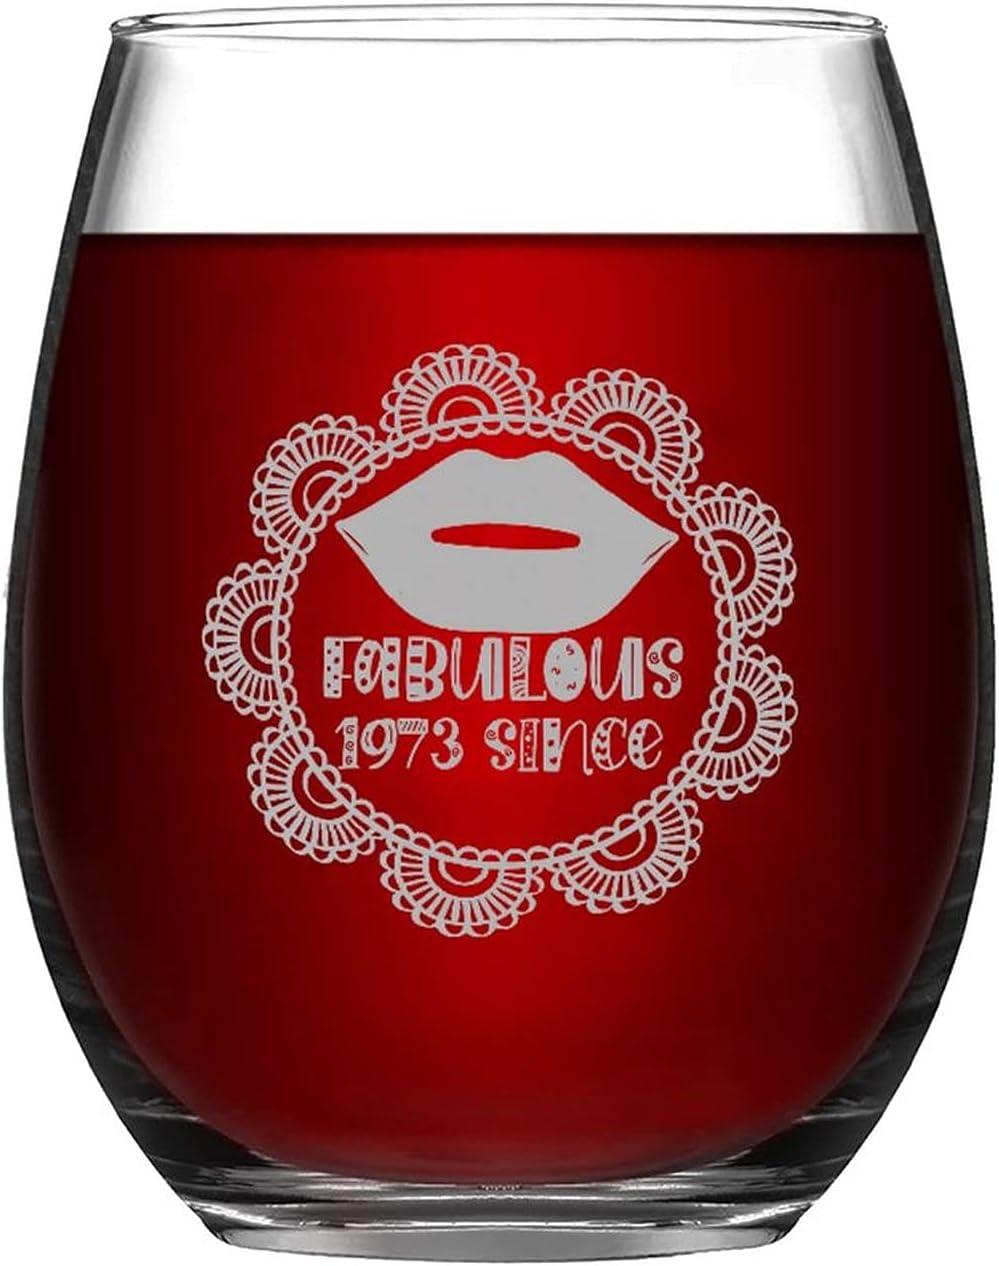 Divertido vaso de vino sin tallo, fabuloso 1973 desde 11 onzas, copa de vino para amantes del vino, taza de regalo de cumpleaños grabado con cita esmerilada para amigos, vecino, mamá, papá, hija